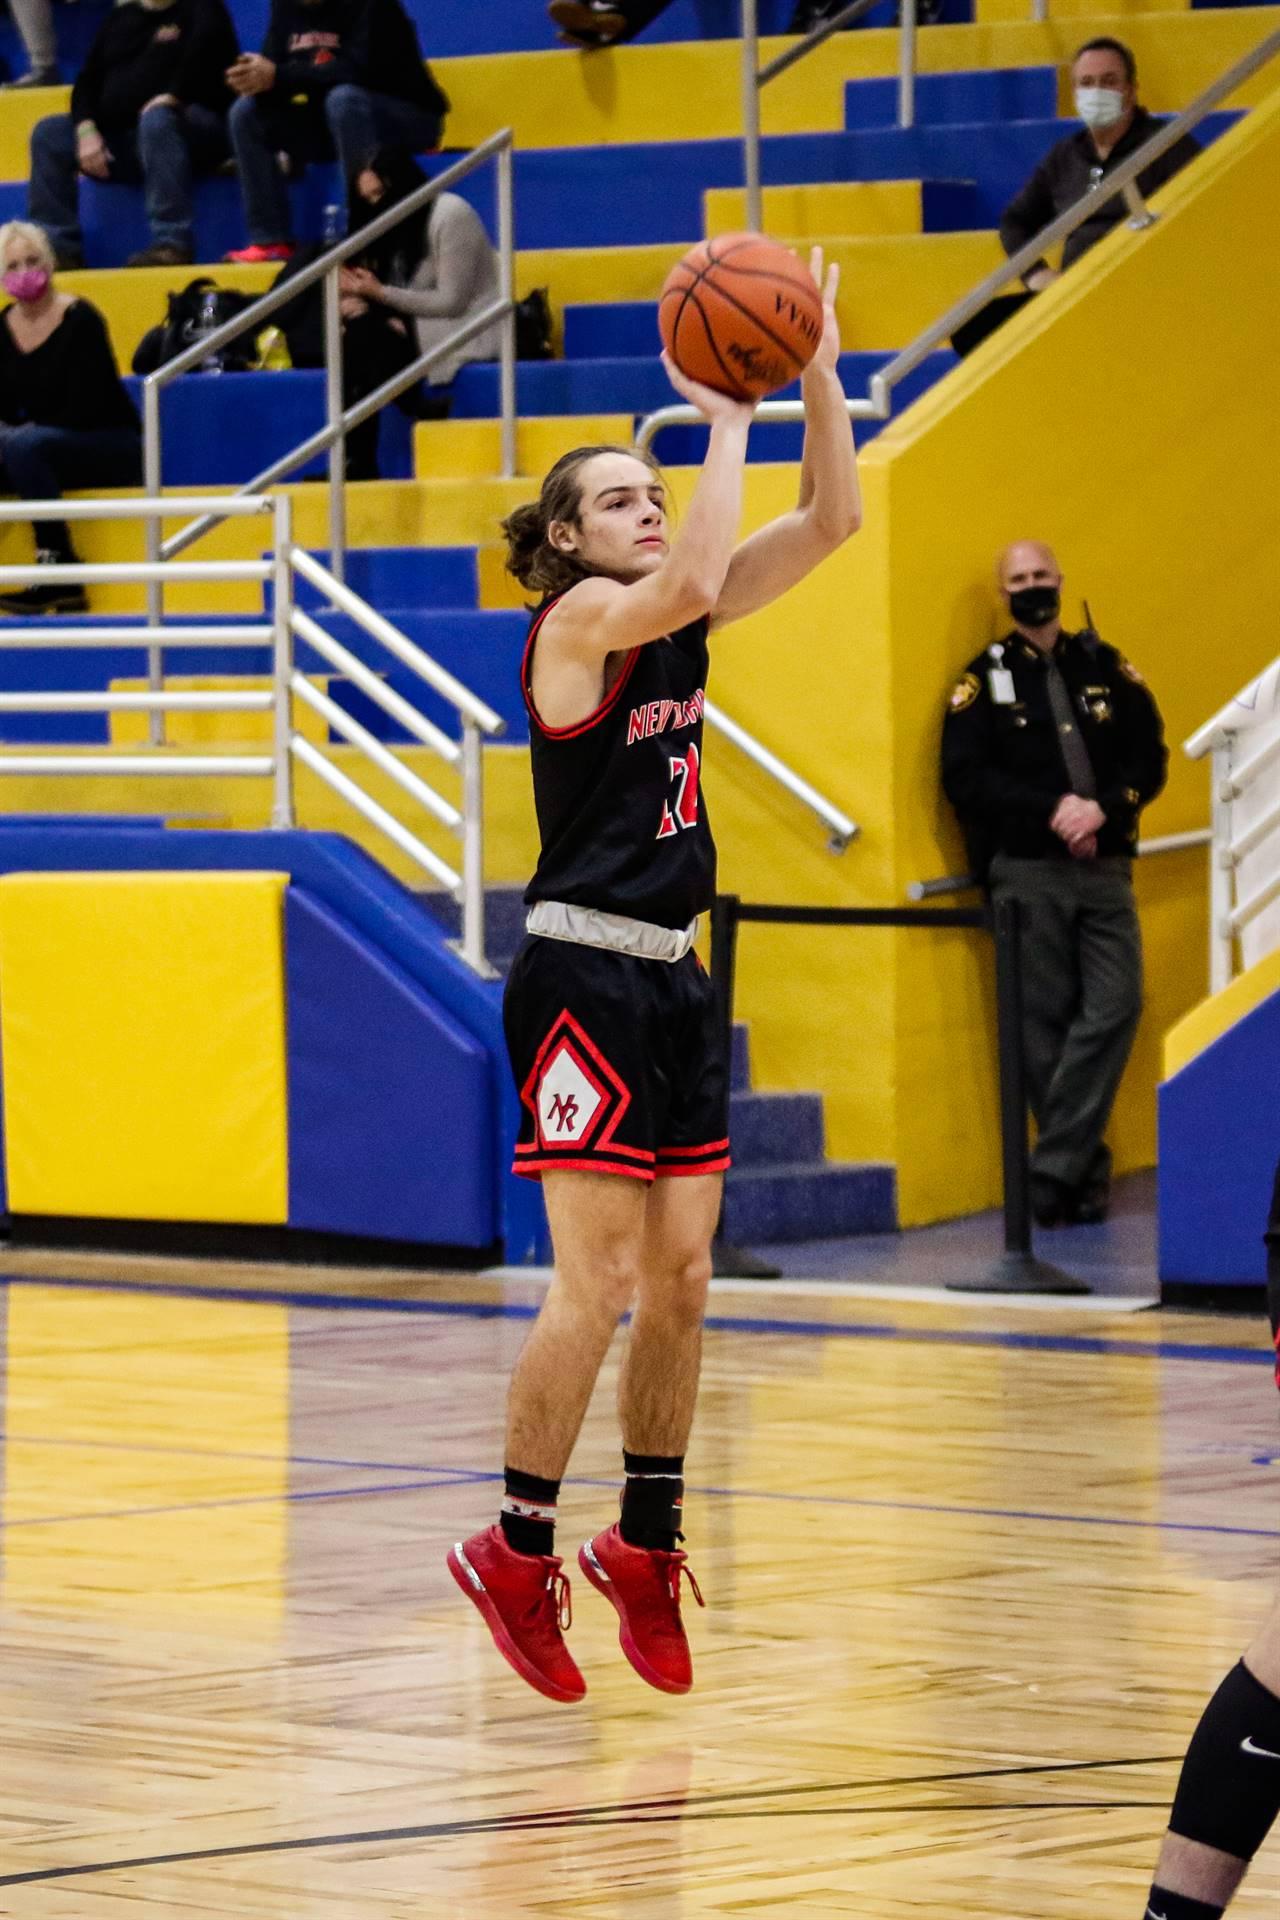 girls basketball shooting